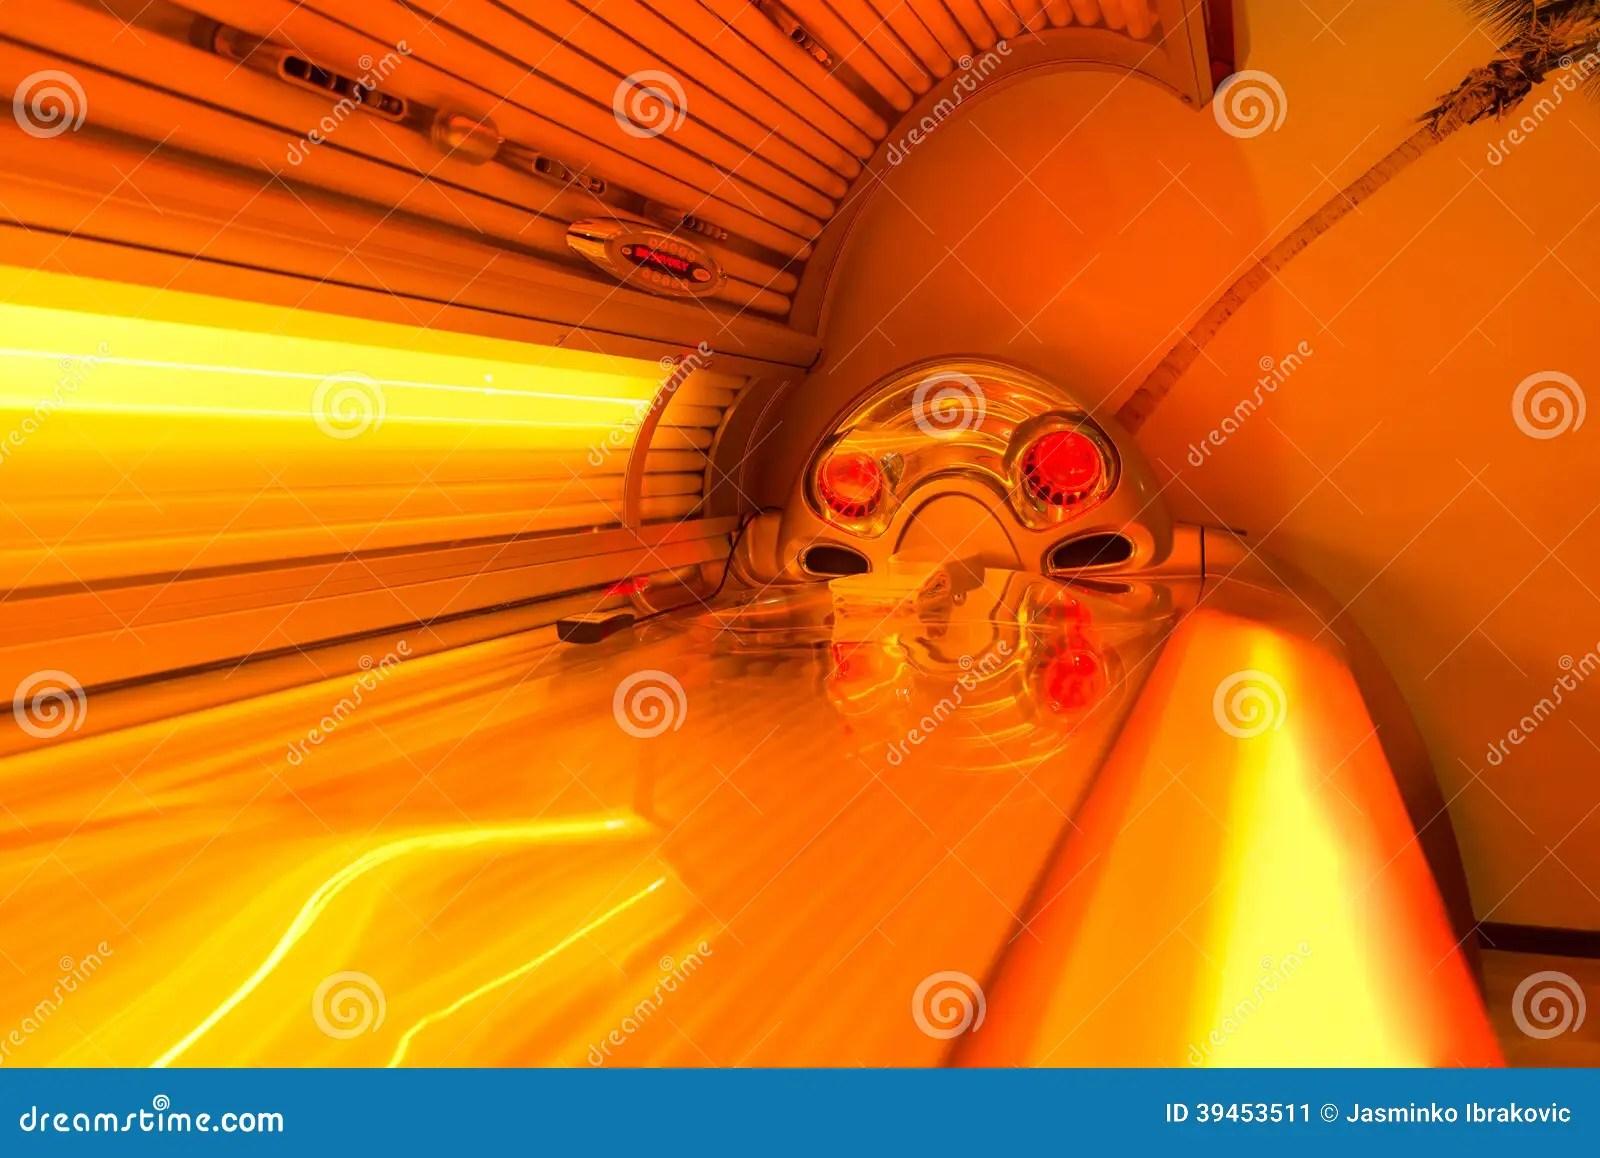 solarium de bronzage de lit a la station thermale de club de sante